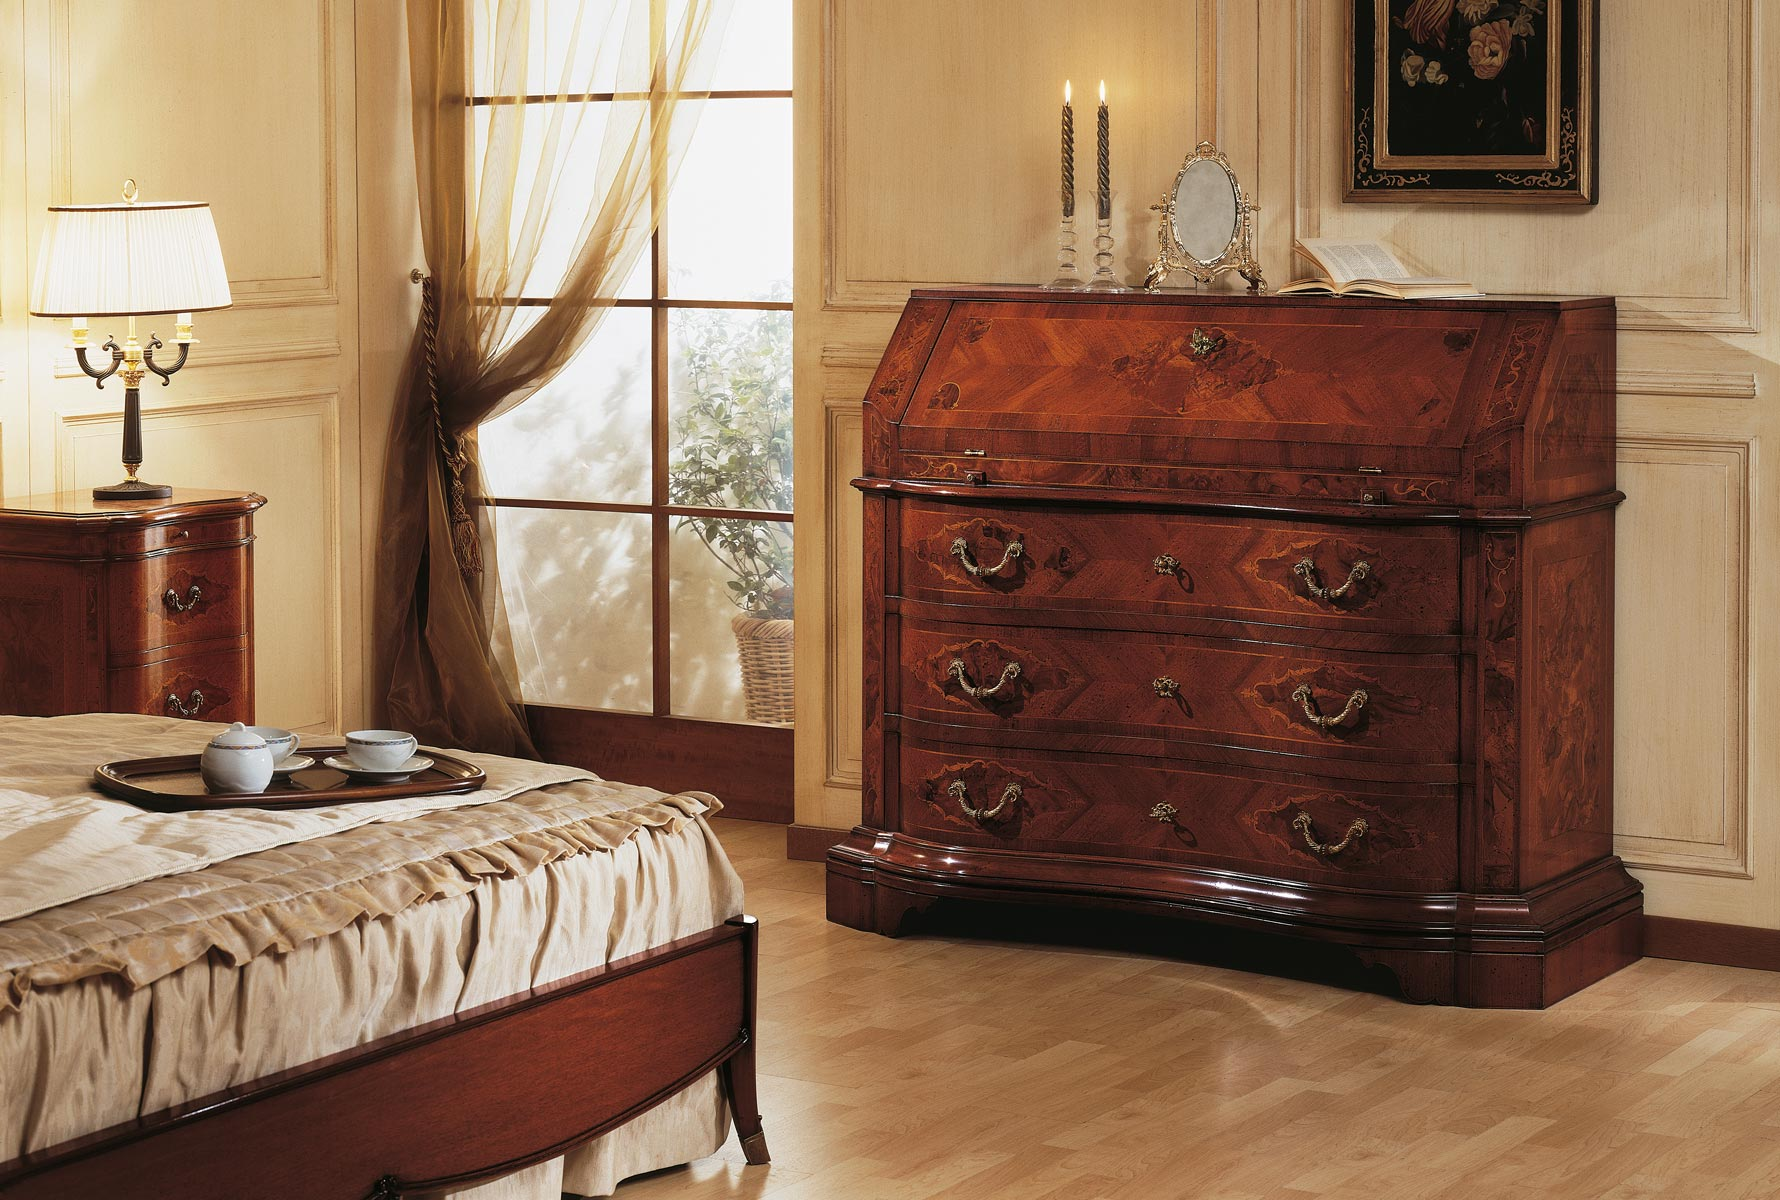 Collezione mobili classici 700 lombardo, trumeau in noce  Vimercati ...